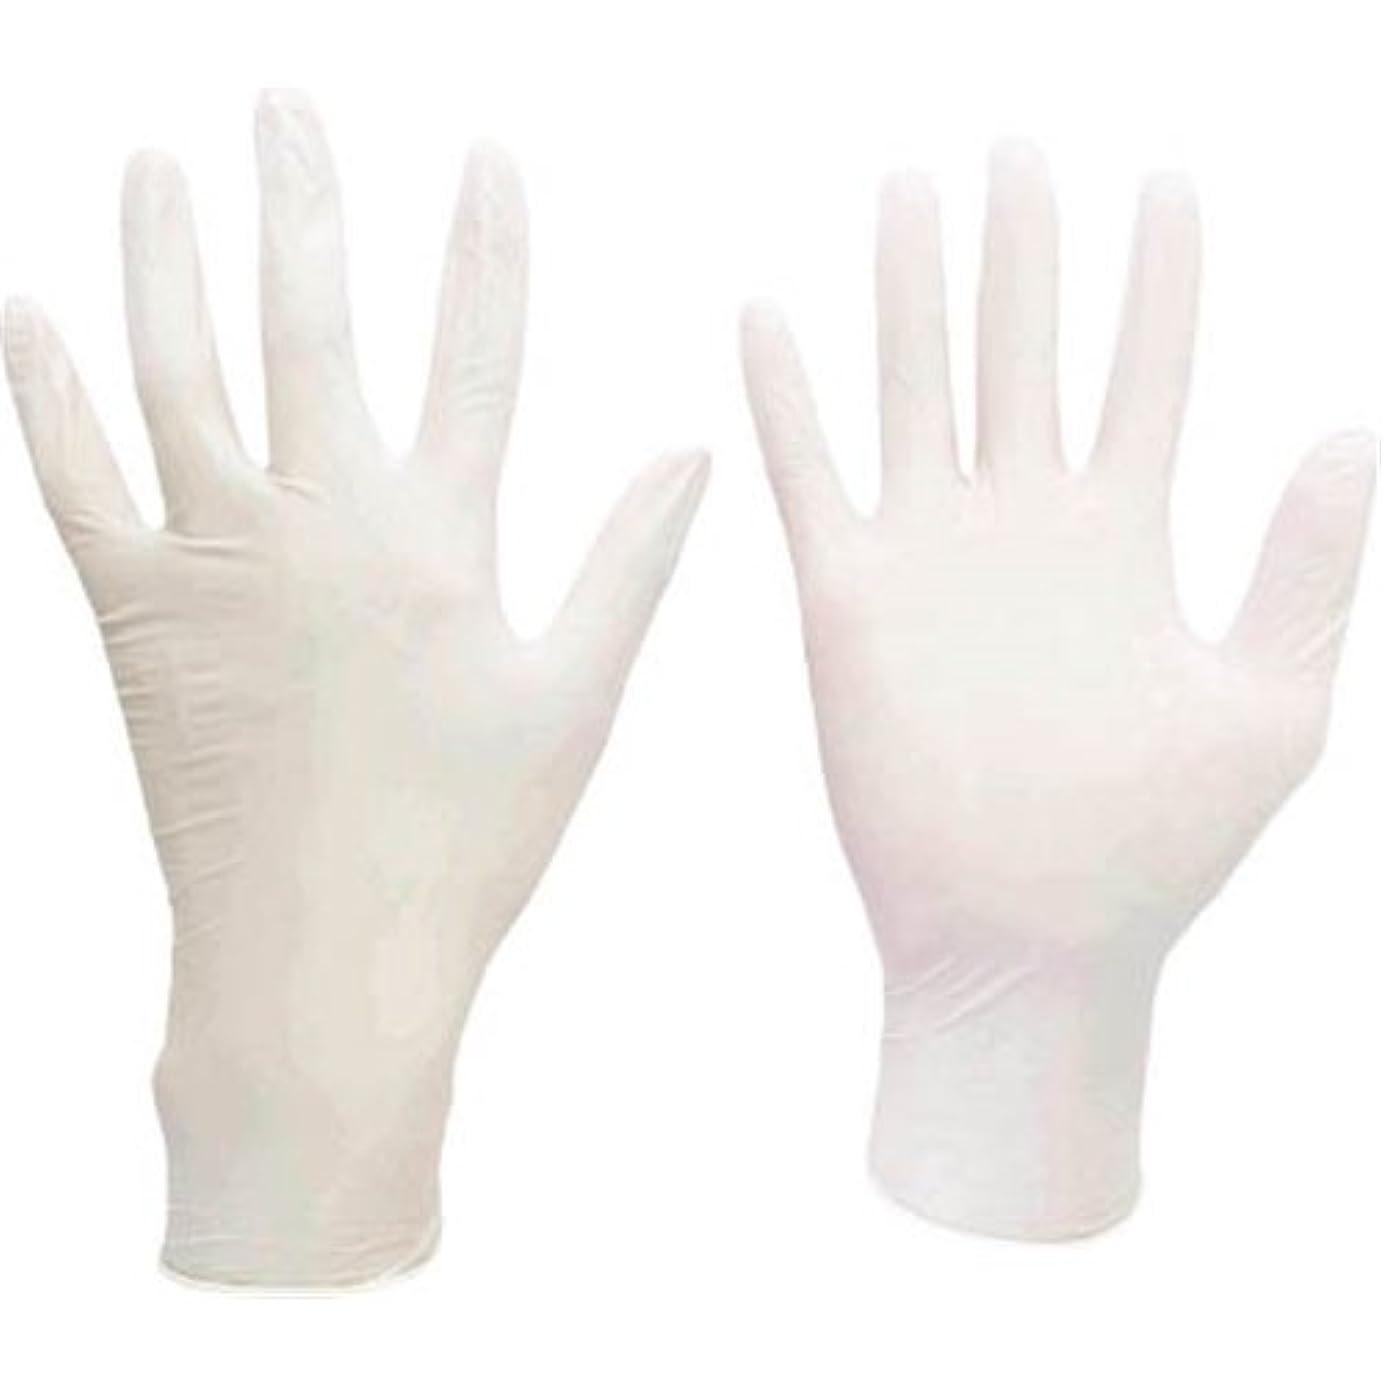 パトワ阻害する染色ミドリ安全/ミドリ安全 ニトリル使い捨て手袋 極薄 粉なし 100枚入 白 M(3889084) VERTE-711-M